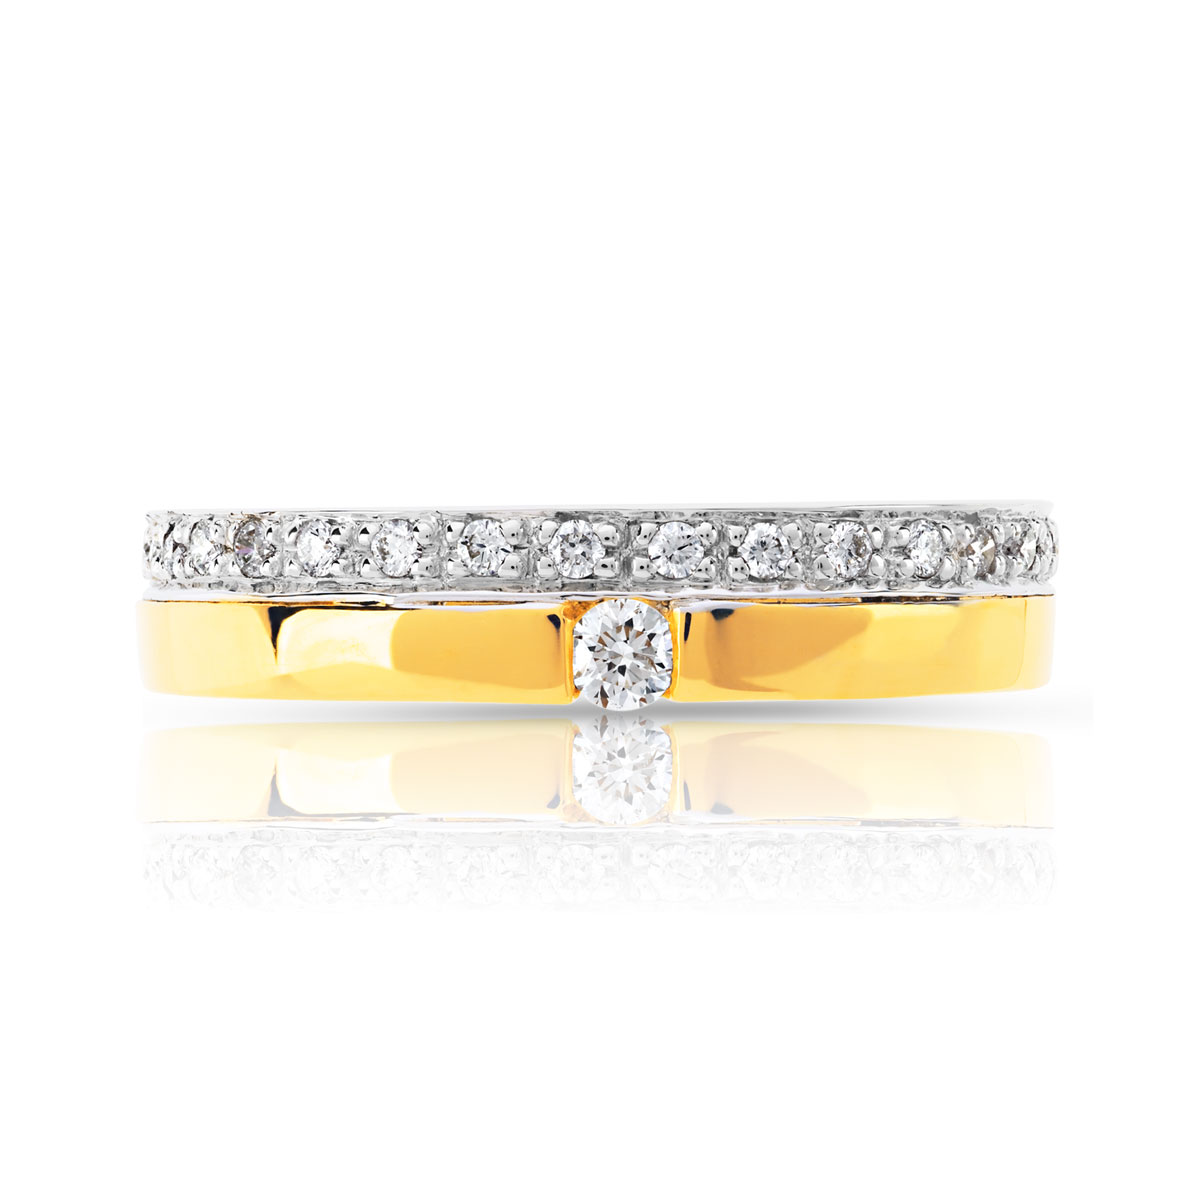 Fabuleux Bague alliance et solitaire 2 ors 750 diamant - Femme - Bague | MATY OW05